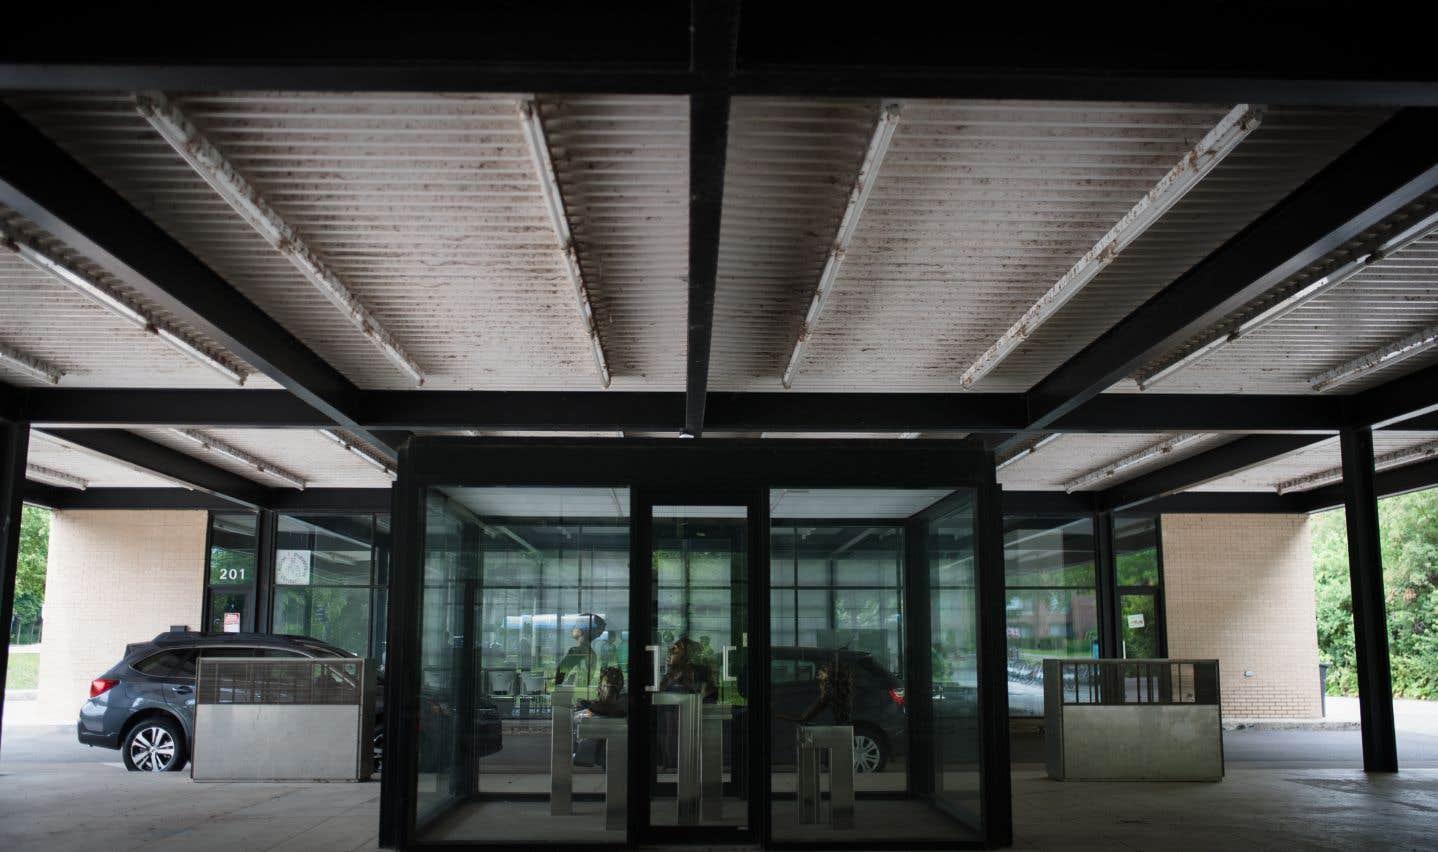 La transparence si caractéristique à Mies accentue la continuité entre les espaces intérieurs et extérieurs.